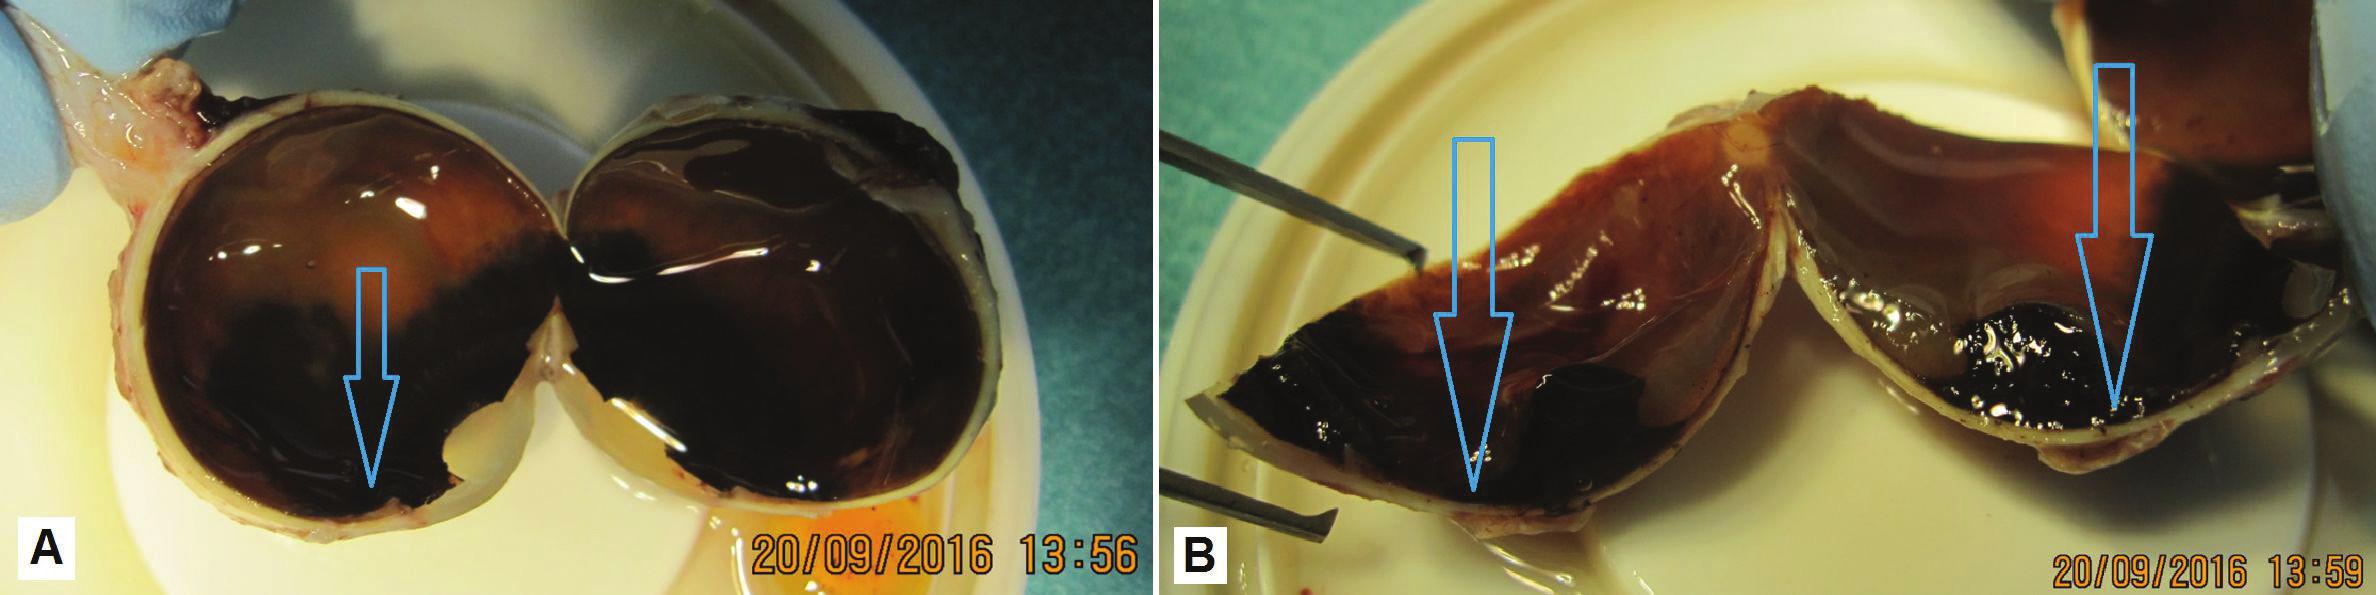 Makrofoto enukleovanej očnej gule (A), detail výrazne pigmentovaného malígneho melanómu na reze (B)